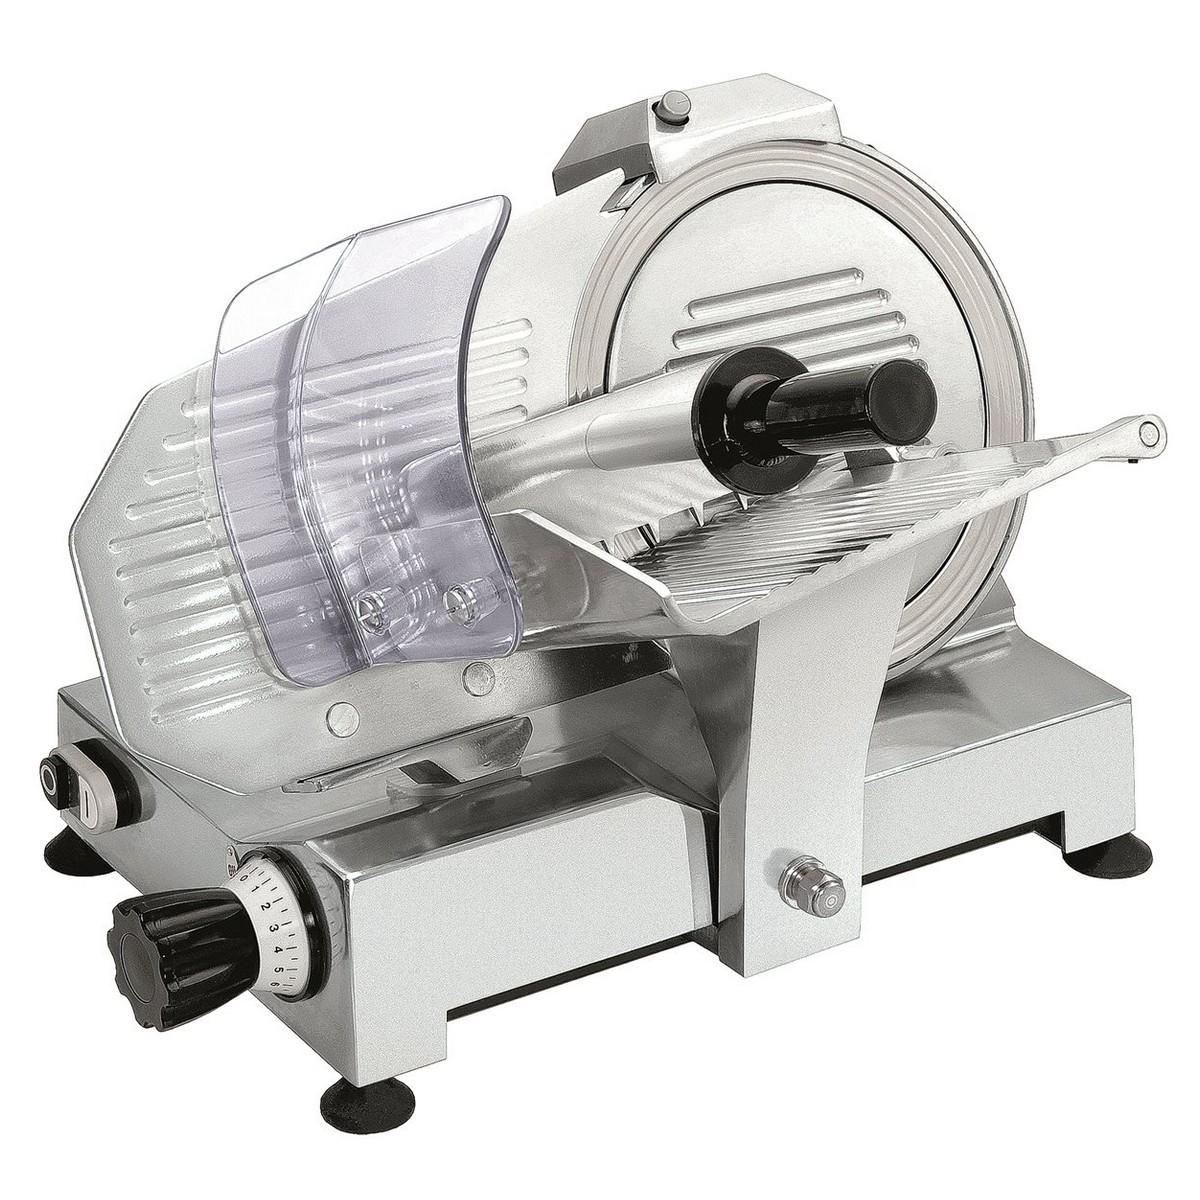 Affettatrice Modello GPR250 - Acciaio con Lama Inox Ø 250 mm